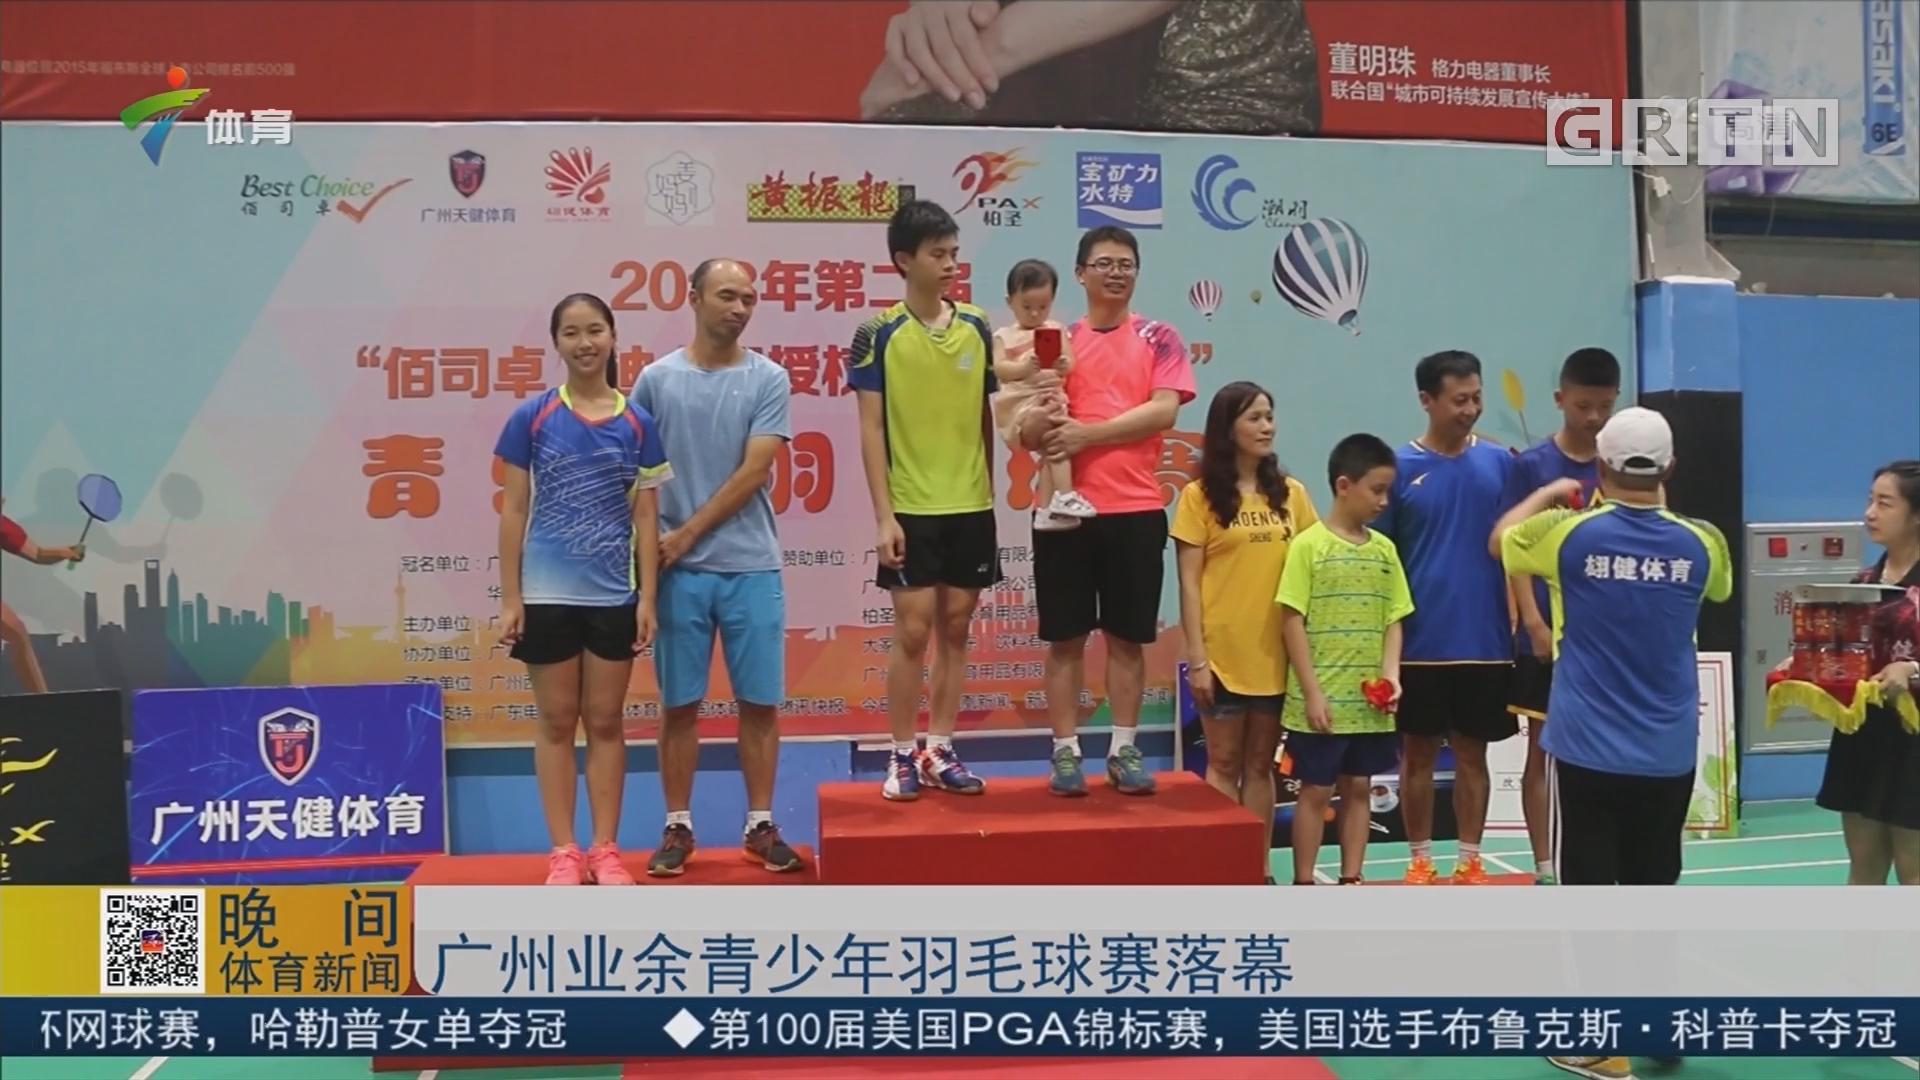 广州业余青少年羽毛球赛落幕